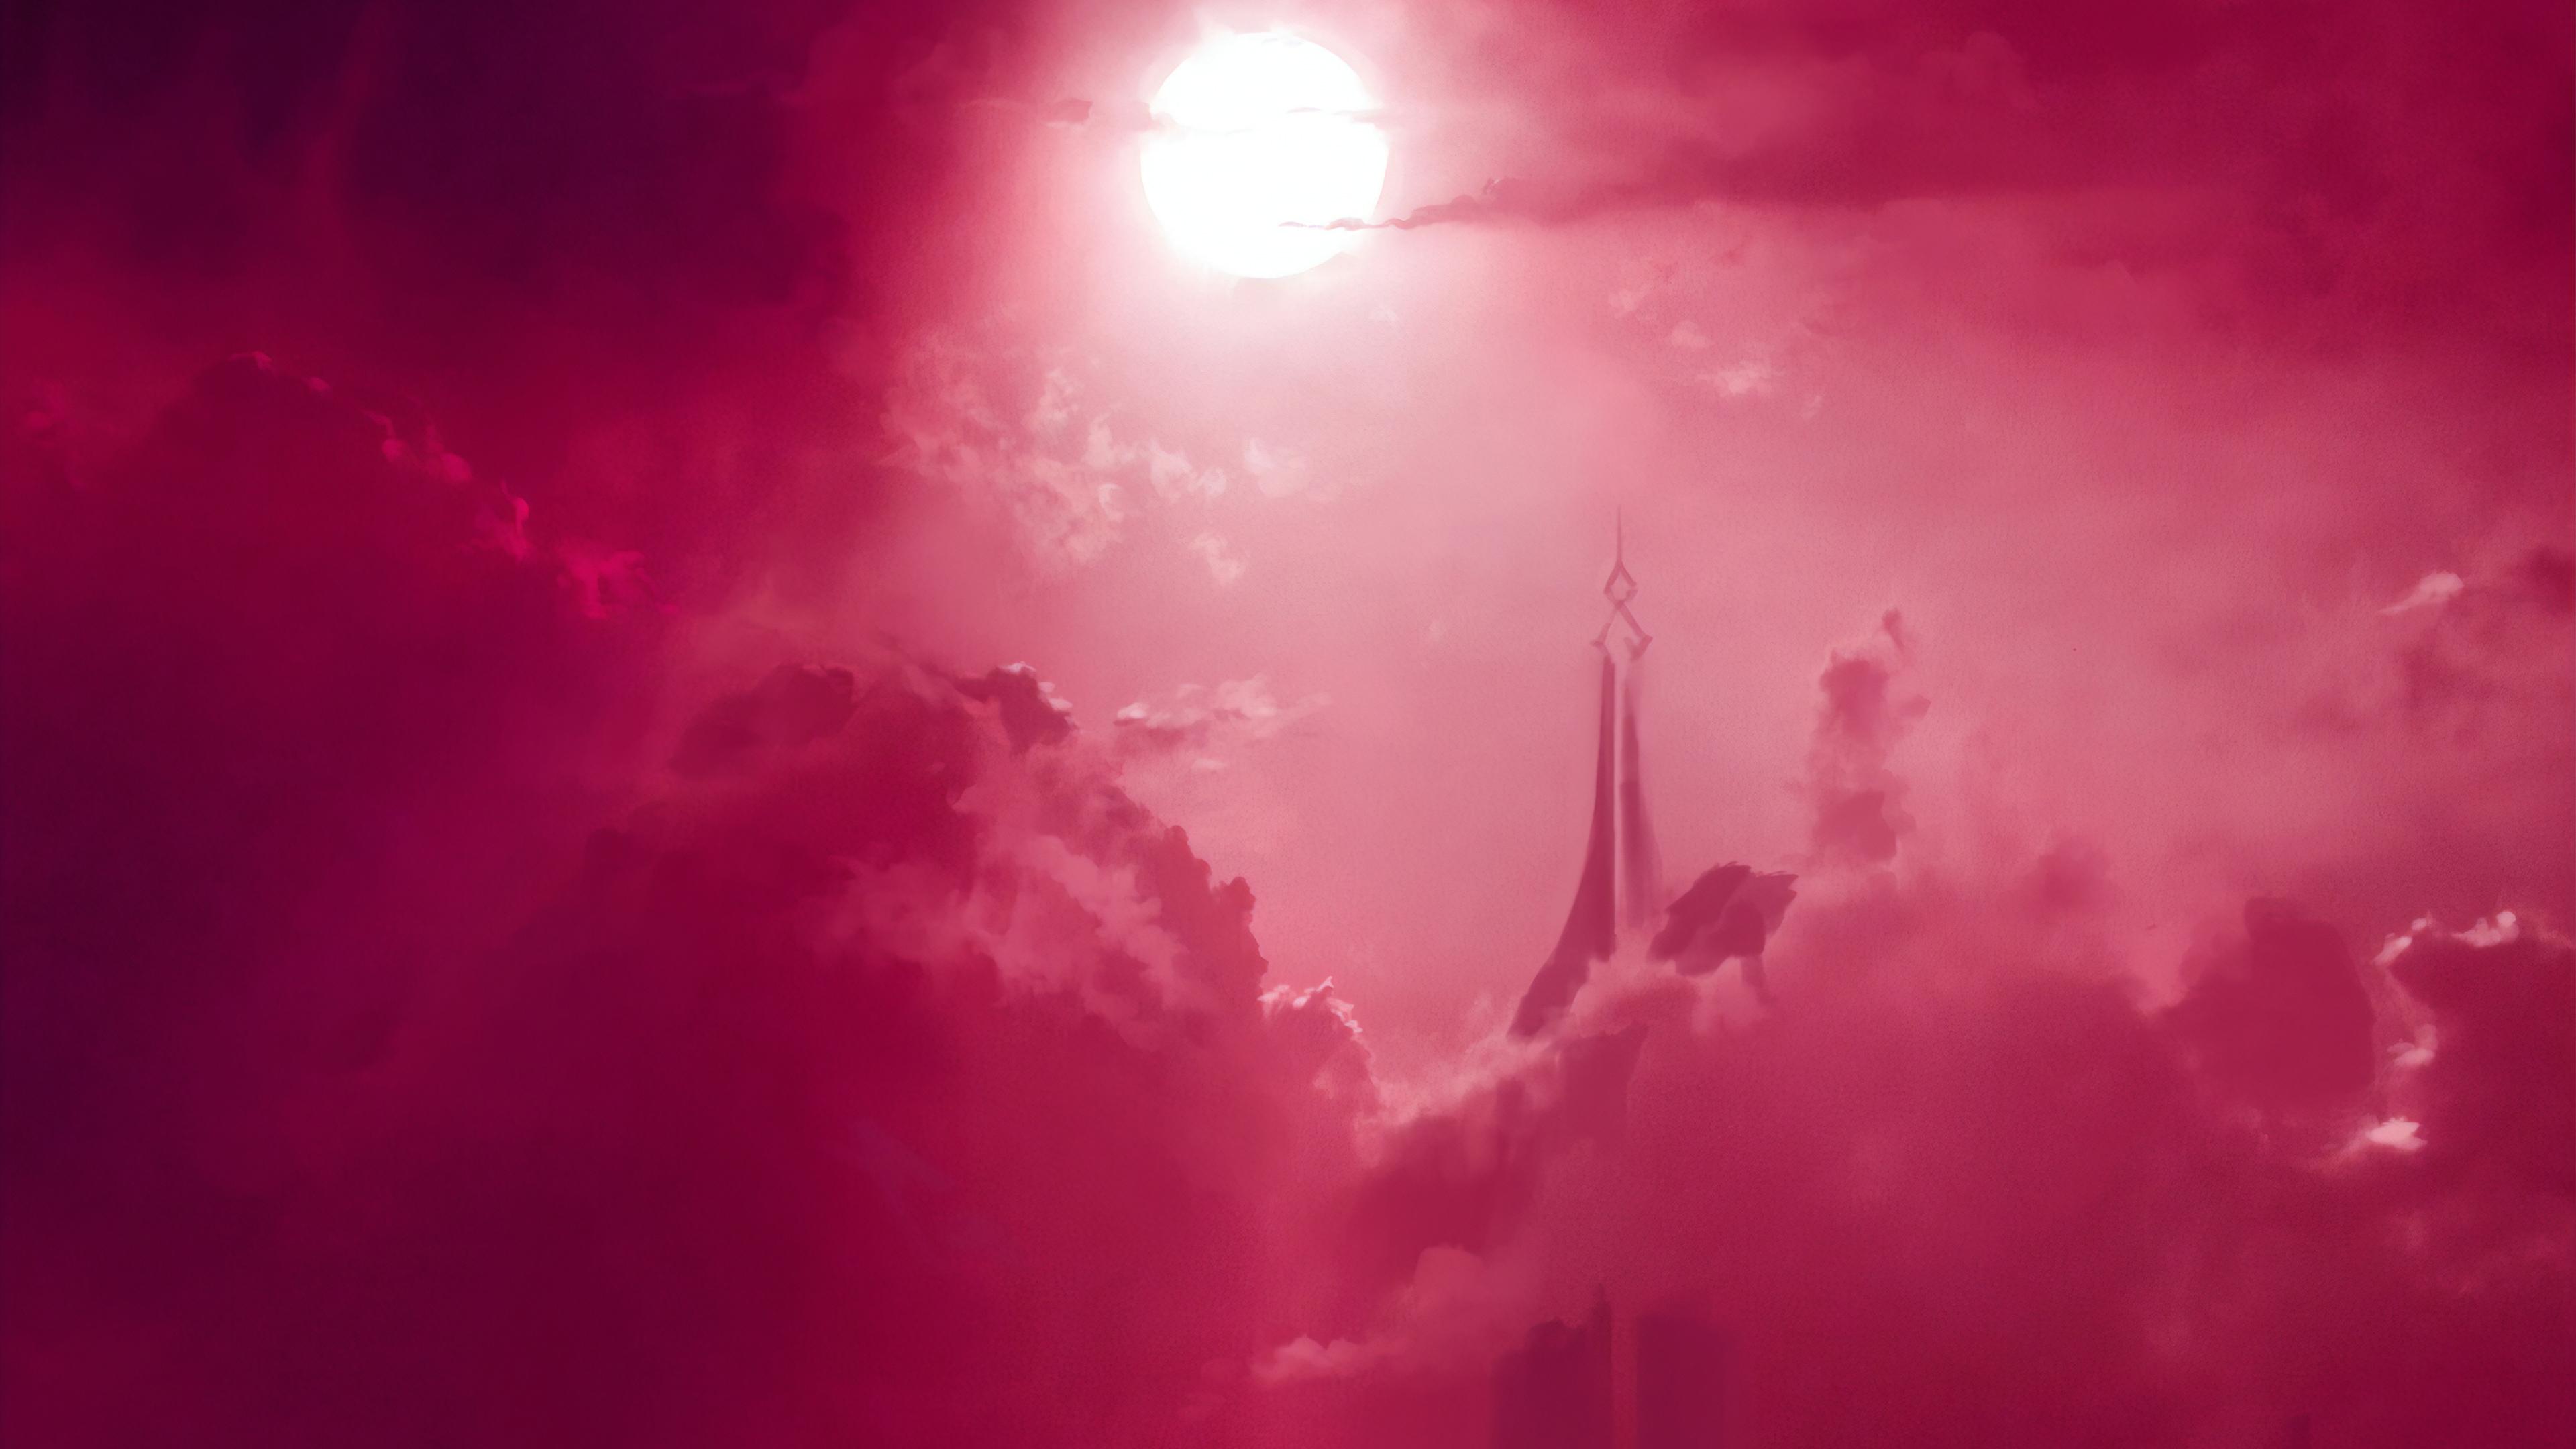 pink sky digital art 1563222001 - Pink Sky Digital Art - sky wallpapers, pink wallpapers, hd-wallpapers, digital art wallpapers, artwork wallpapers, artist wallpapers, 4k-wallpapers